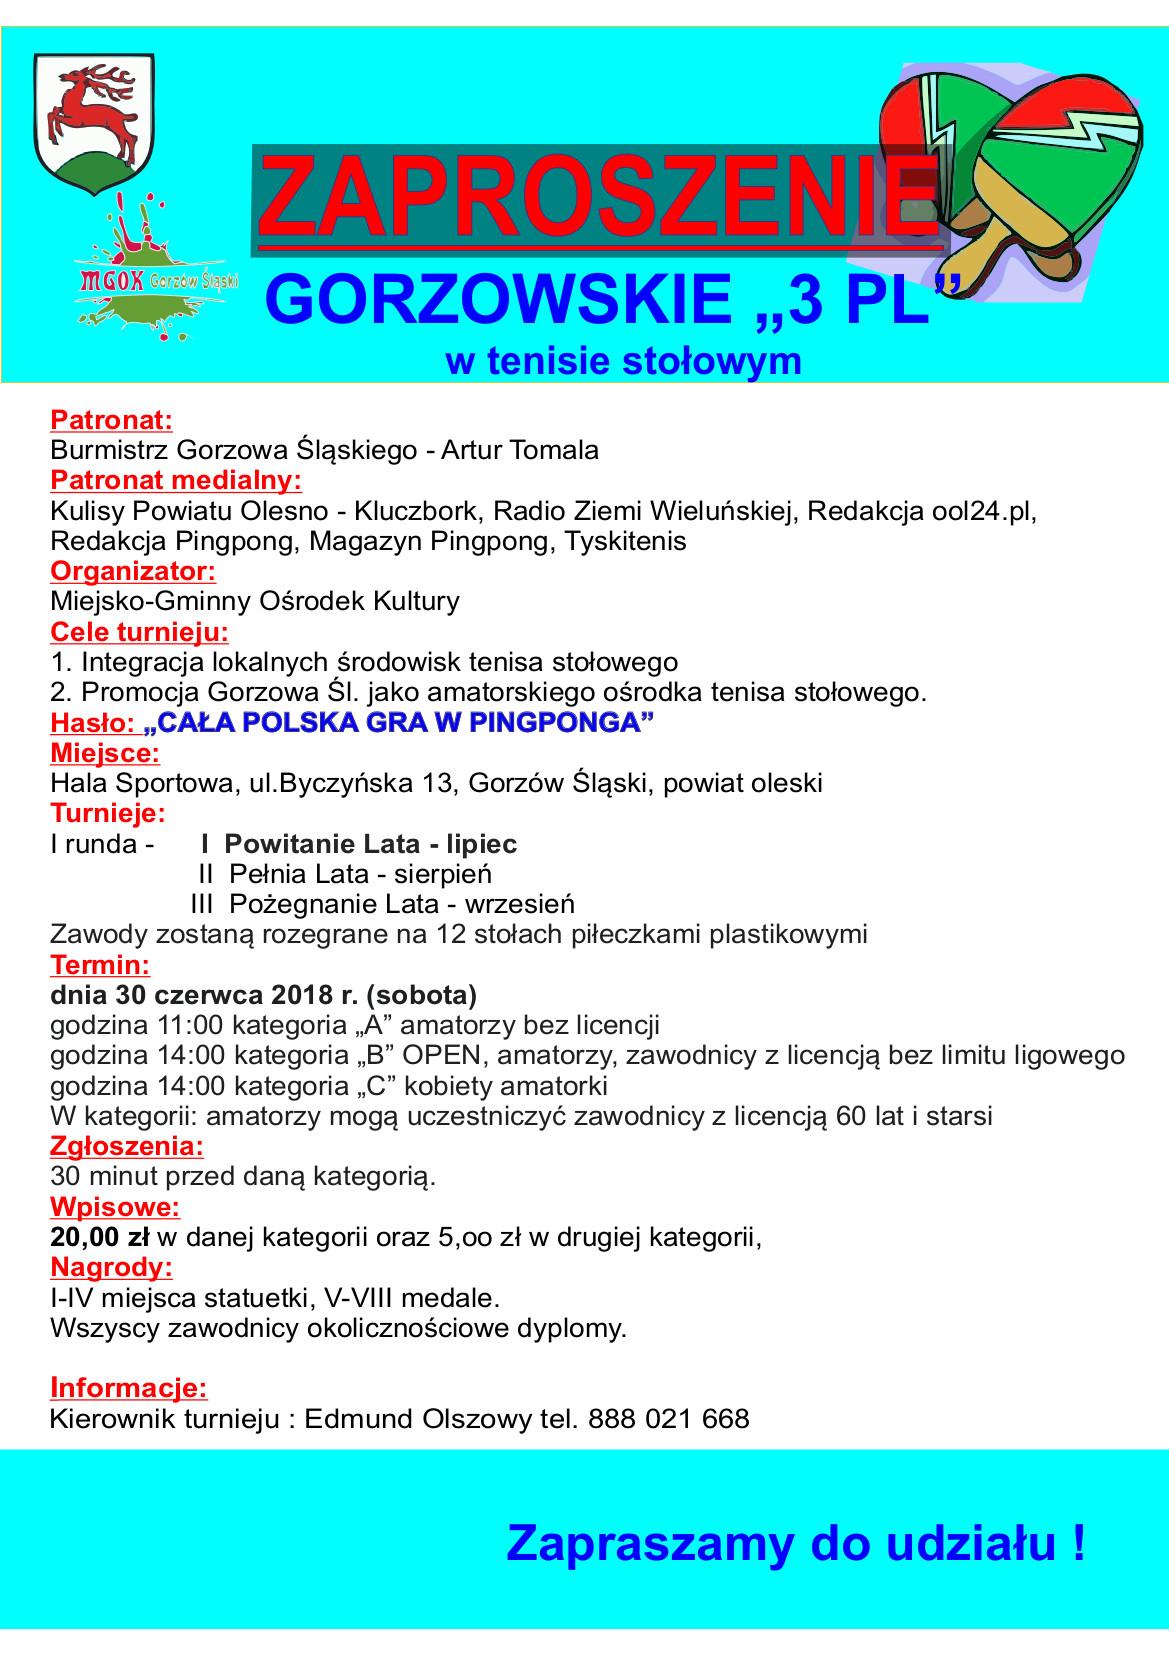 zaproszenie_gorzowskie_3pl